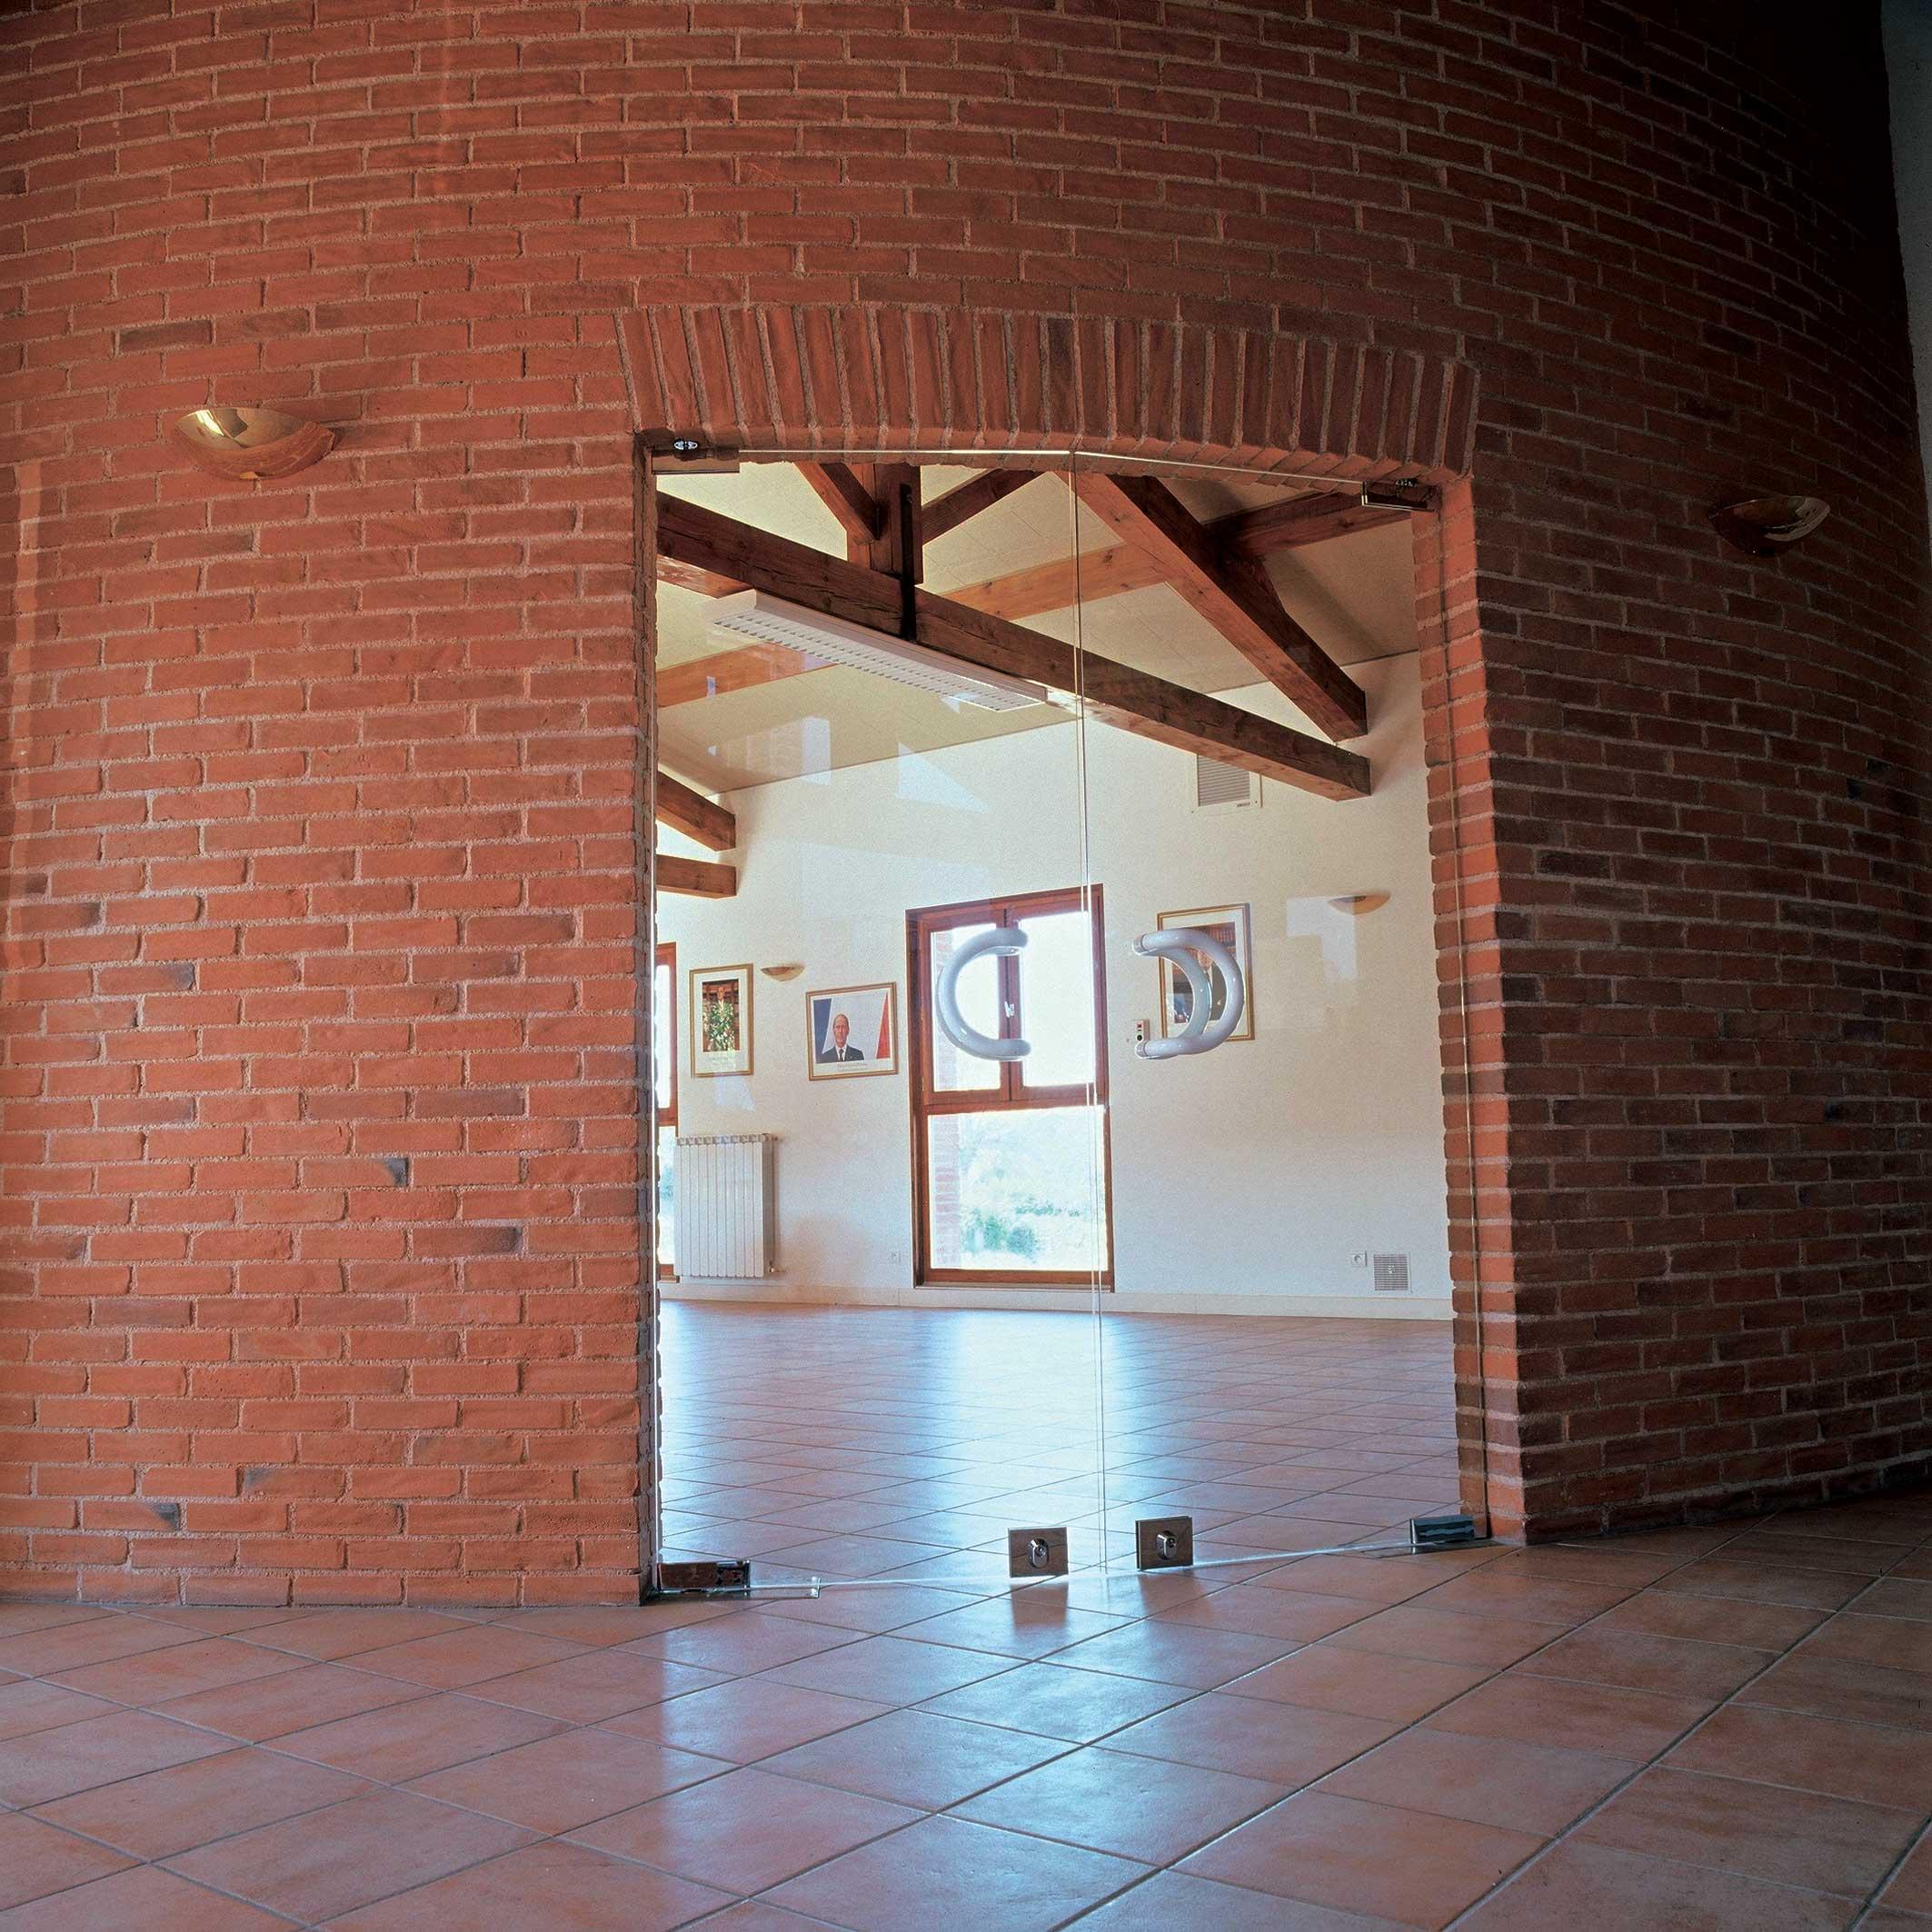 produits-parements-briqueterie-briques-nagen-saint-marcel-paulel-pratmarty-version-restauration-arrondie-salle-portes-fenetres-portrait-03-45